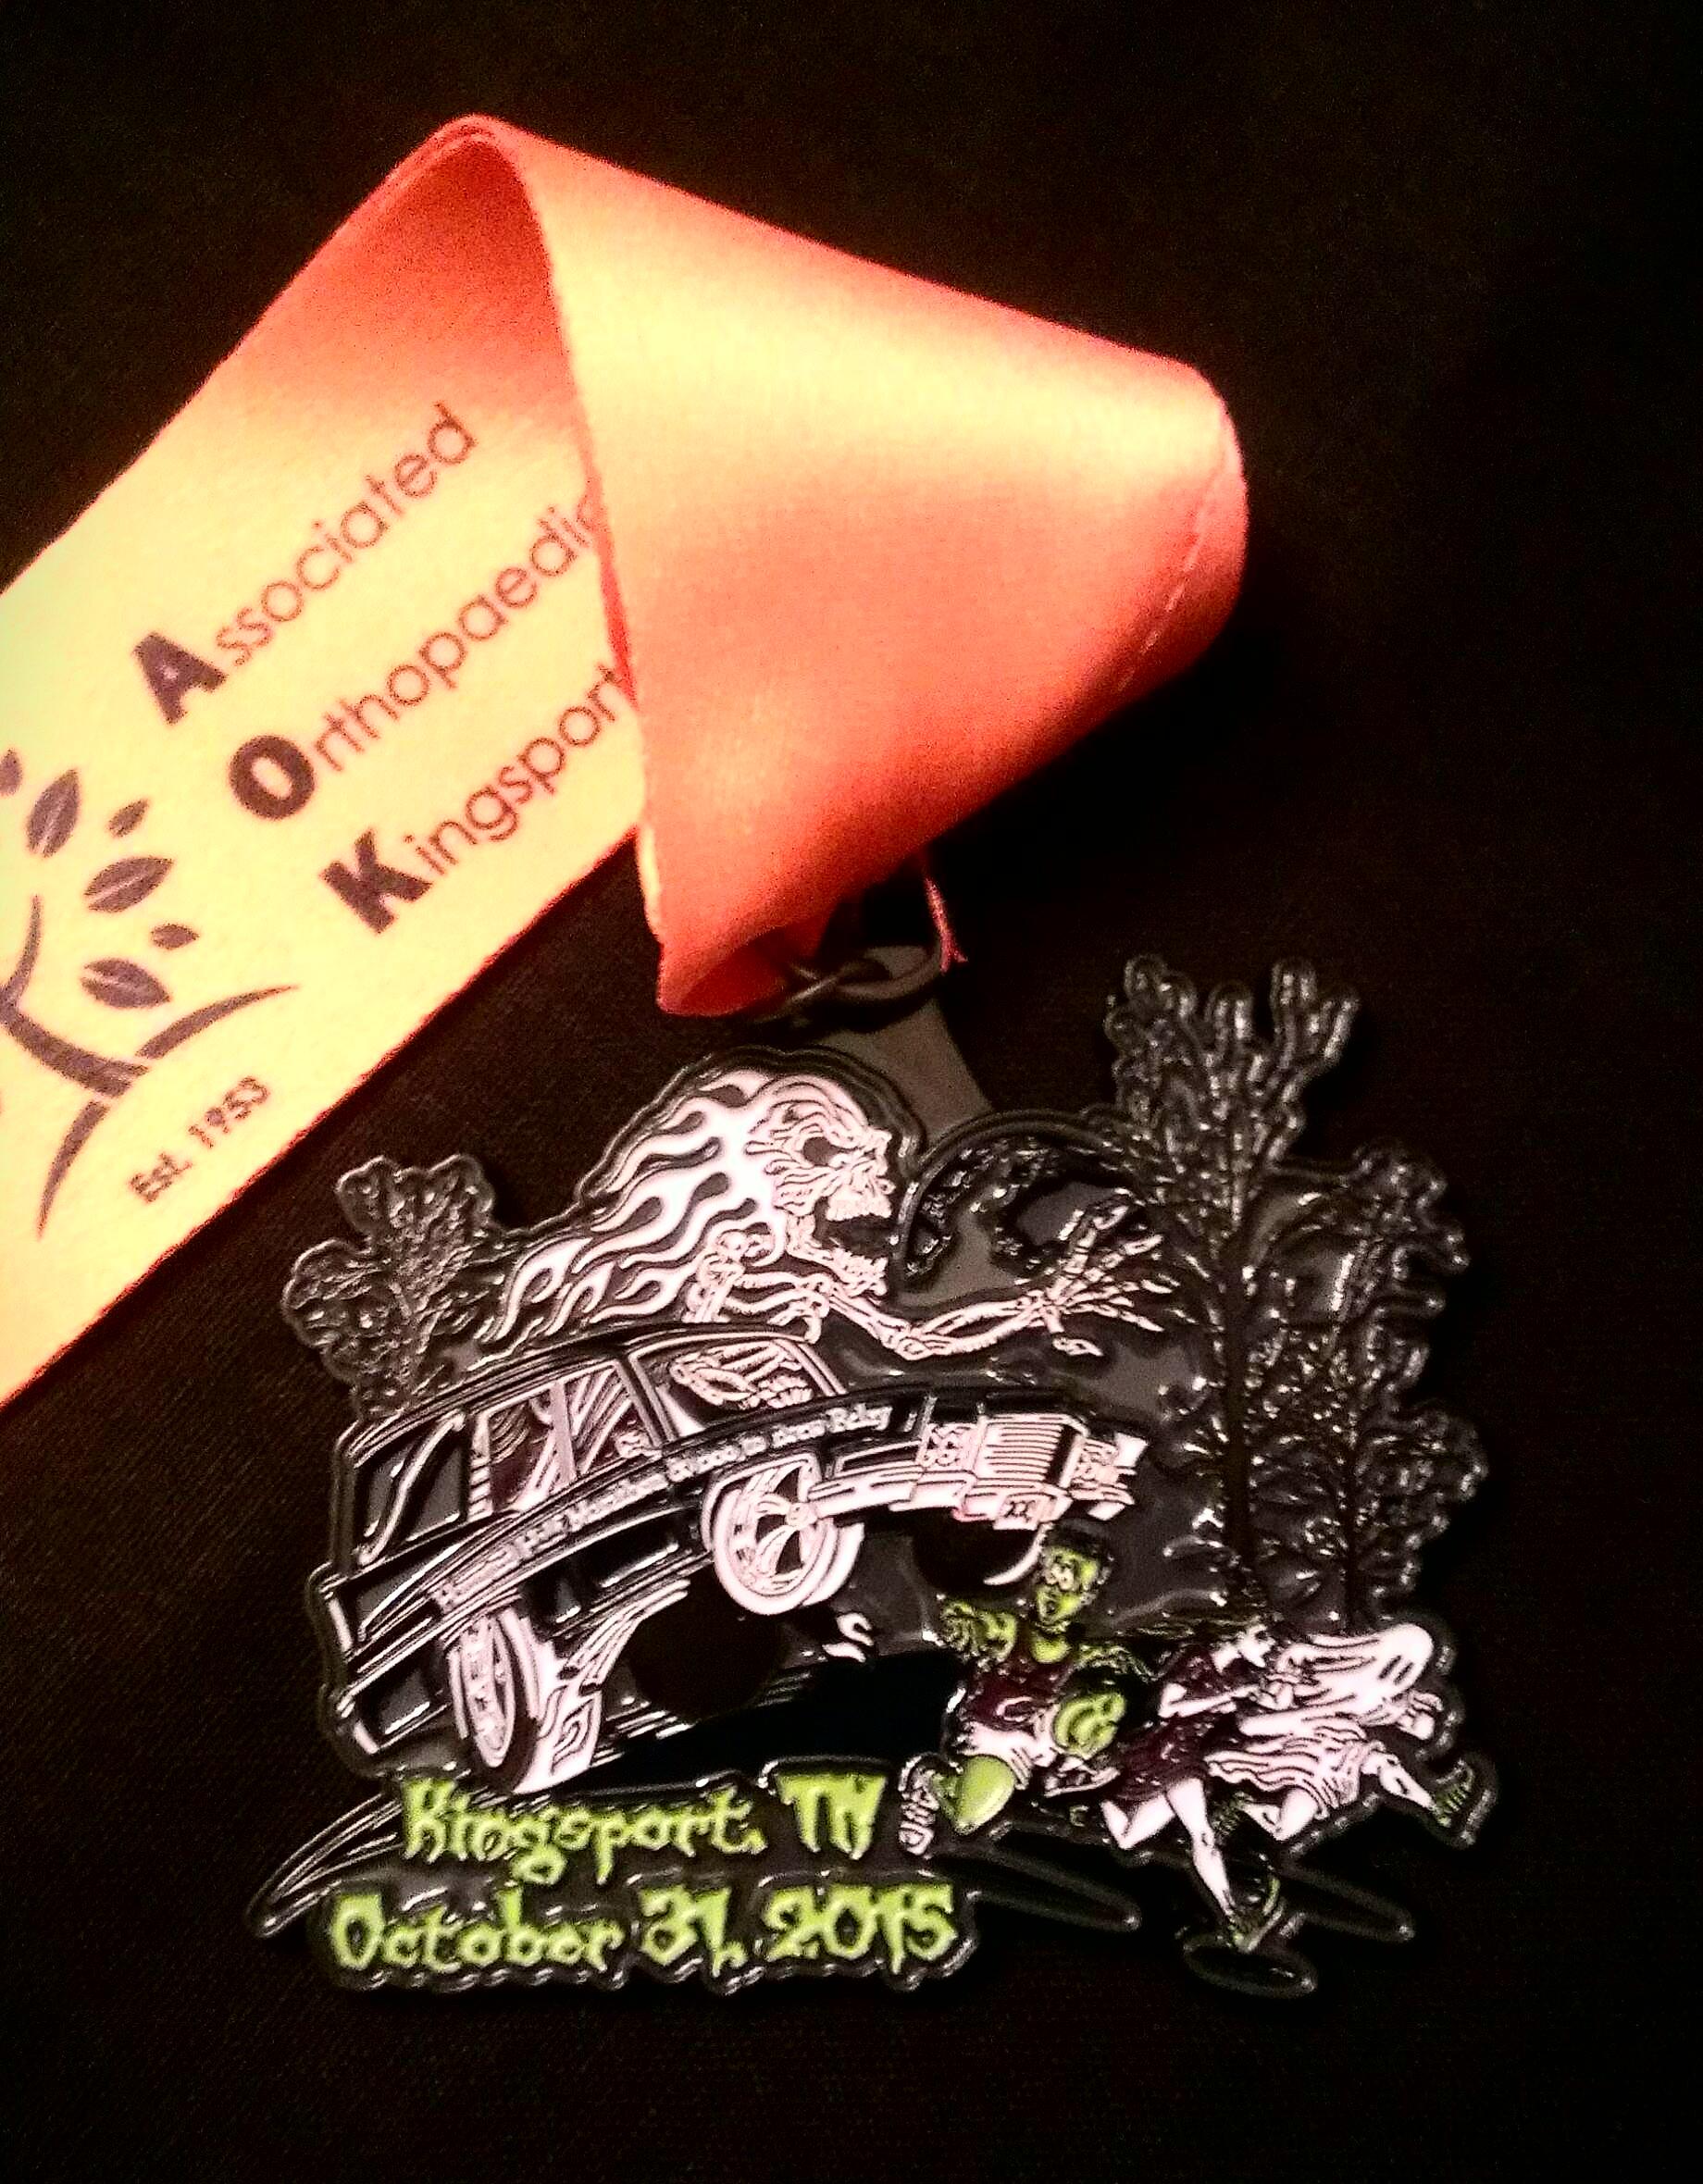 HauntedHalf15 Medal